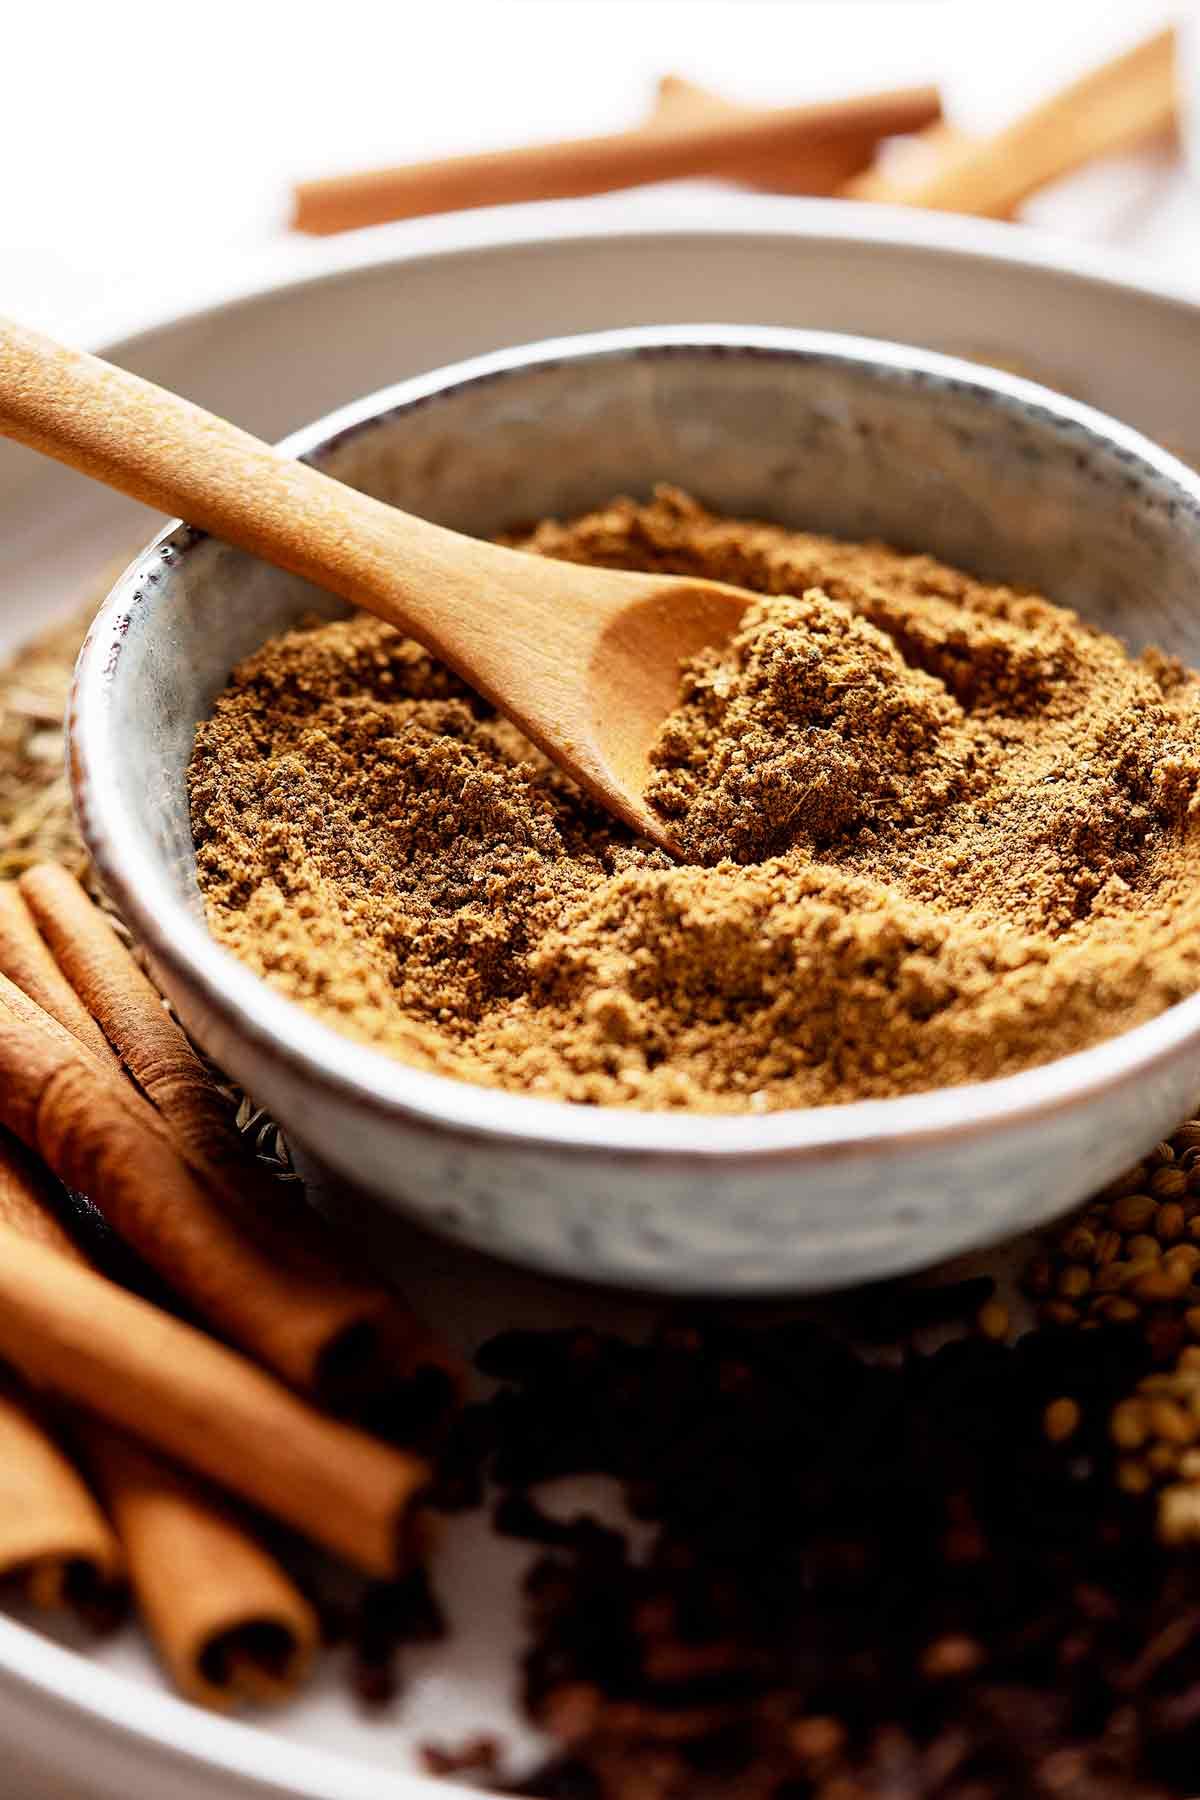 Homemade garam masala in a bowl